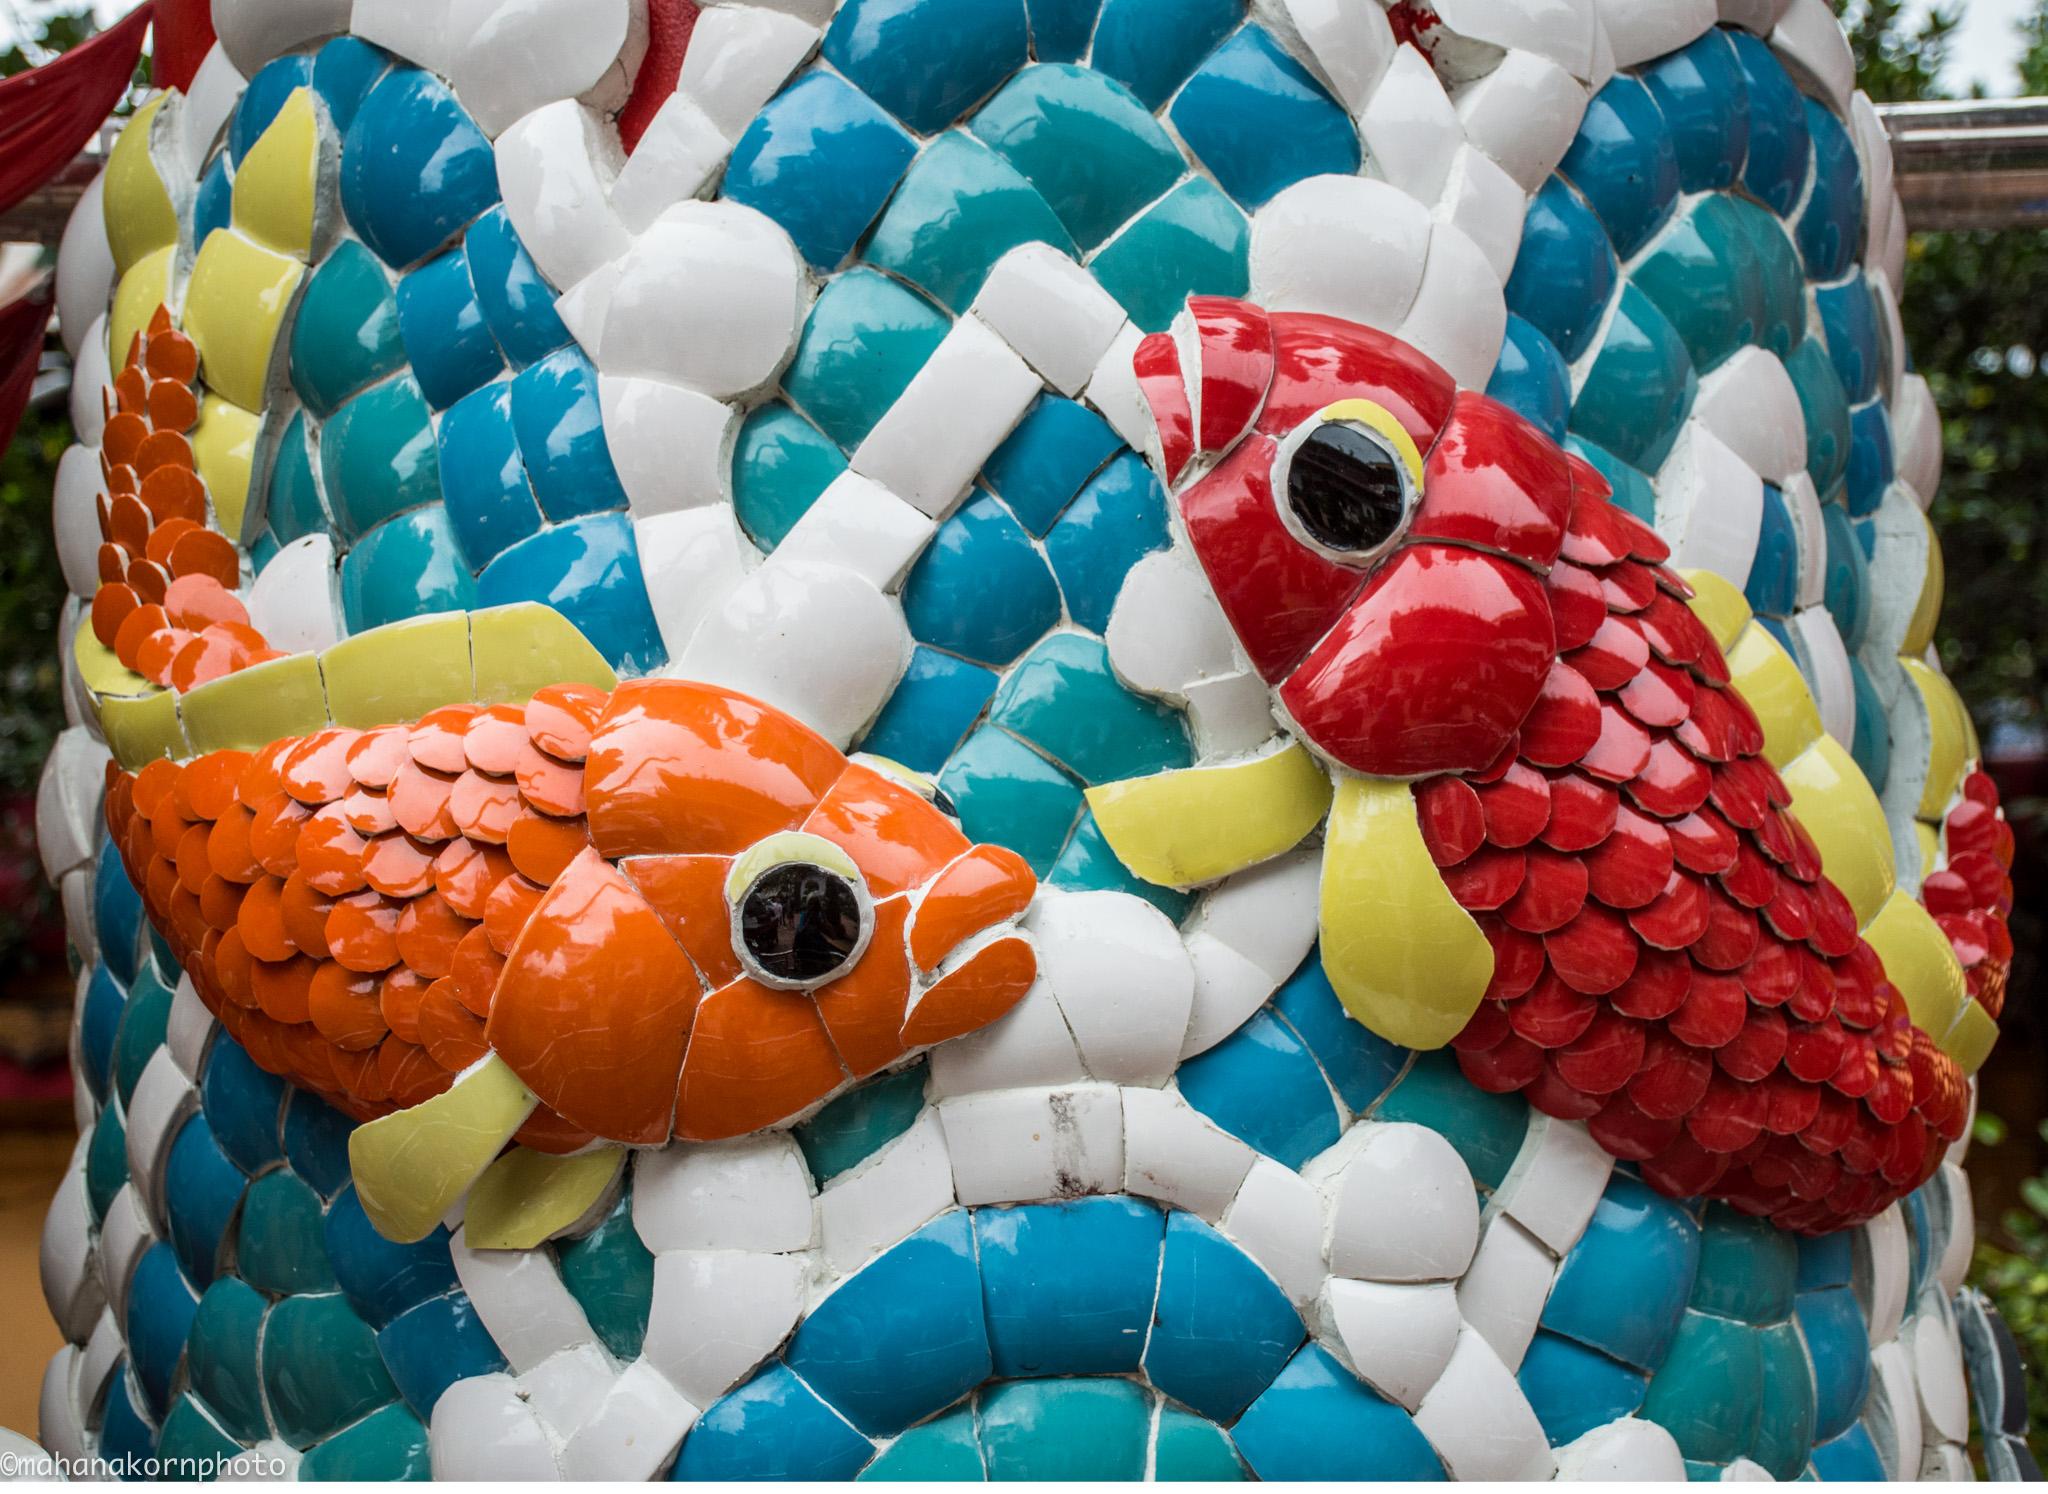 m fish01180818